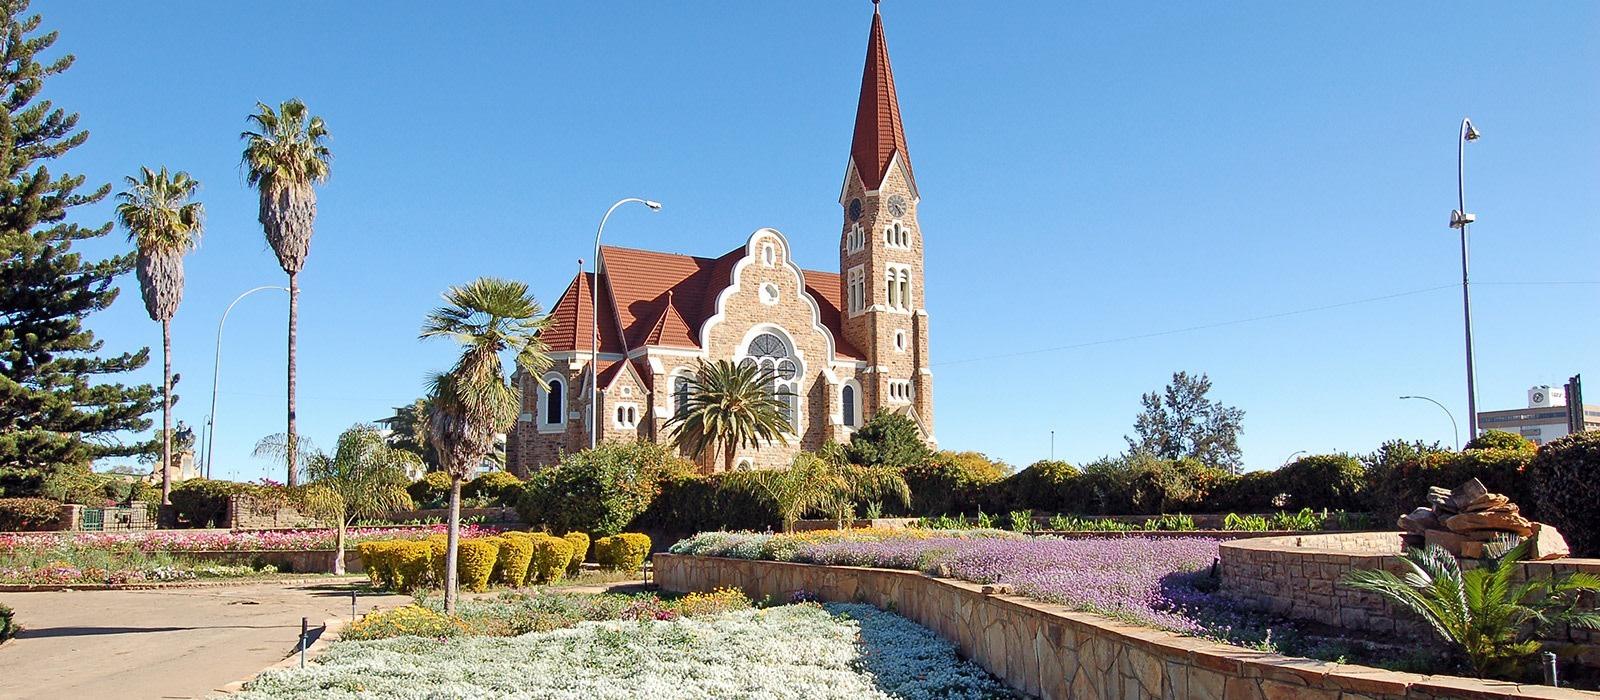 Reiseziel Windhoek Namibia